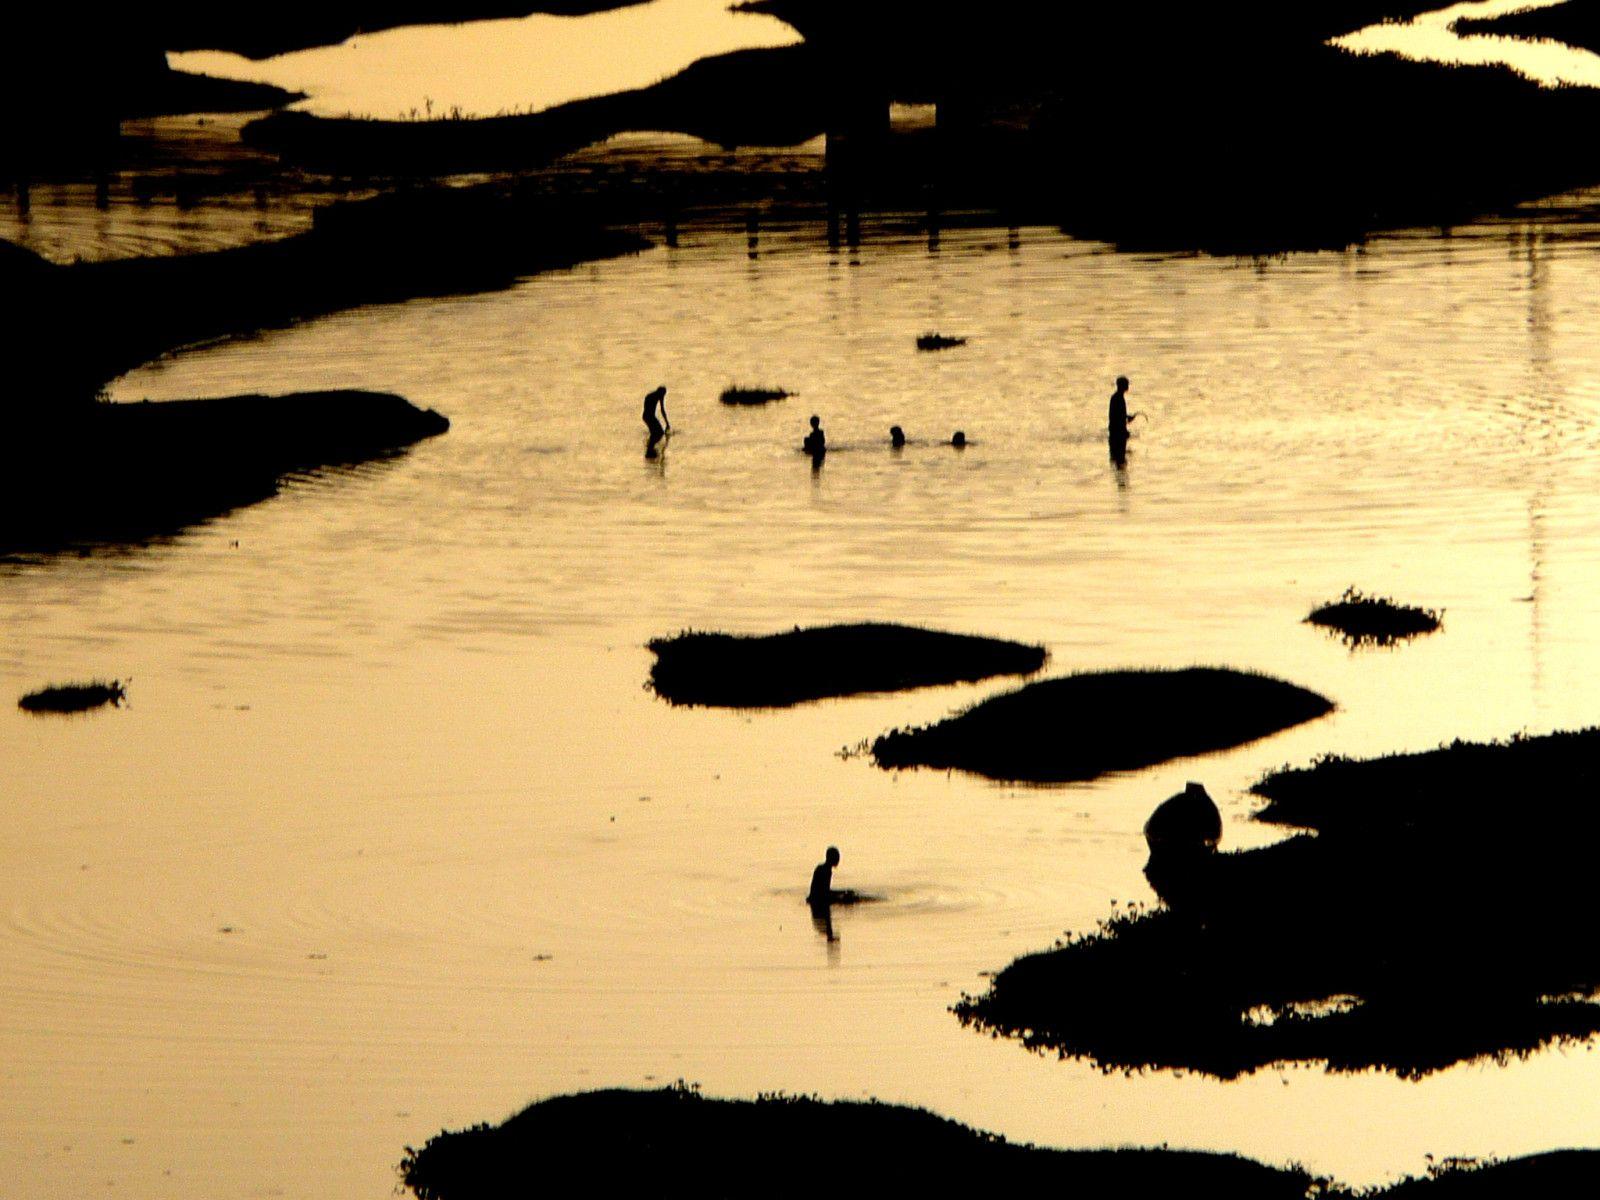 Soleil couchant sur le fleuve Niger, Niamey s'endort au rythme du fleuve, l'or envahit l'atmosphère lourde... traversée au rythme des pas . Bien à toi !